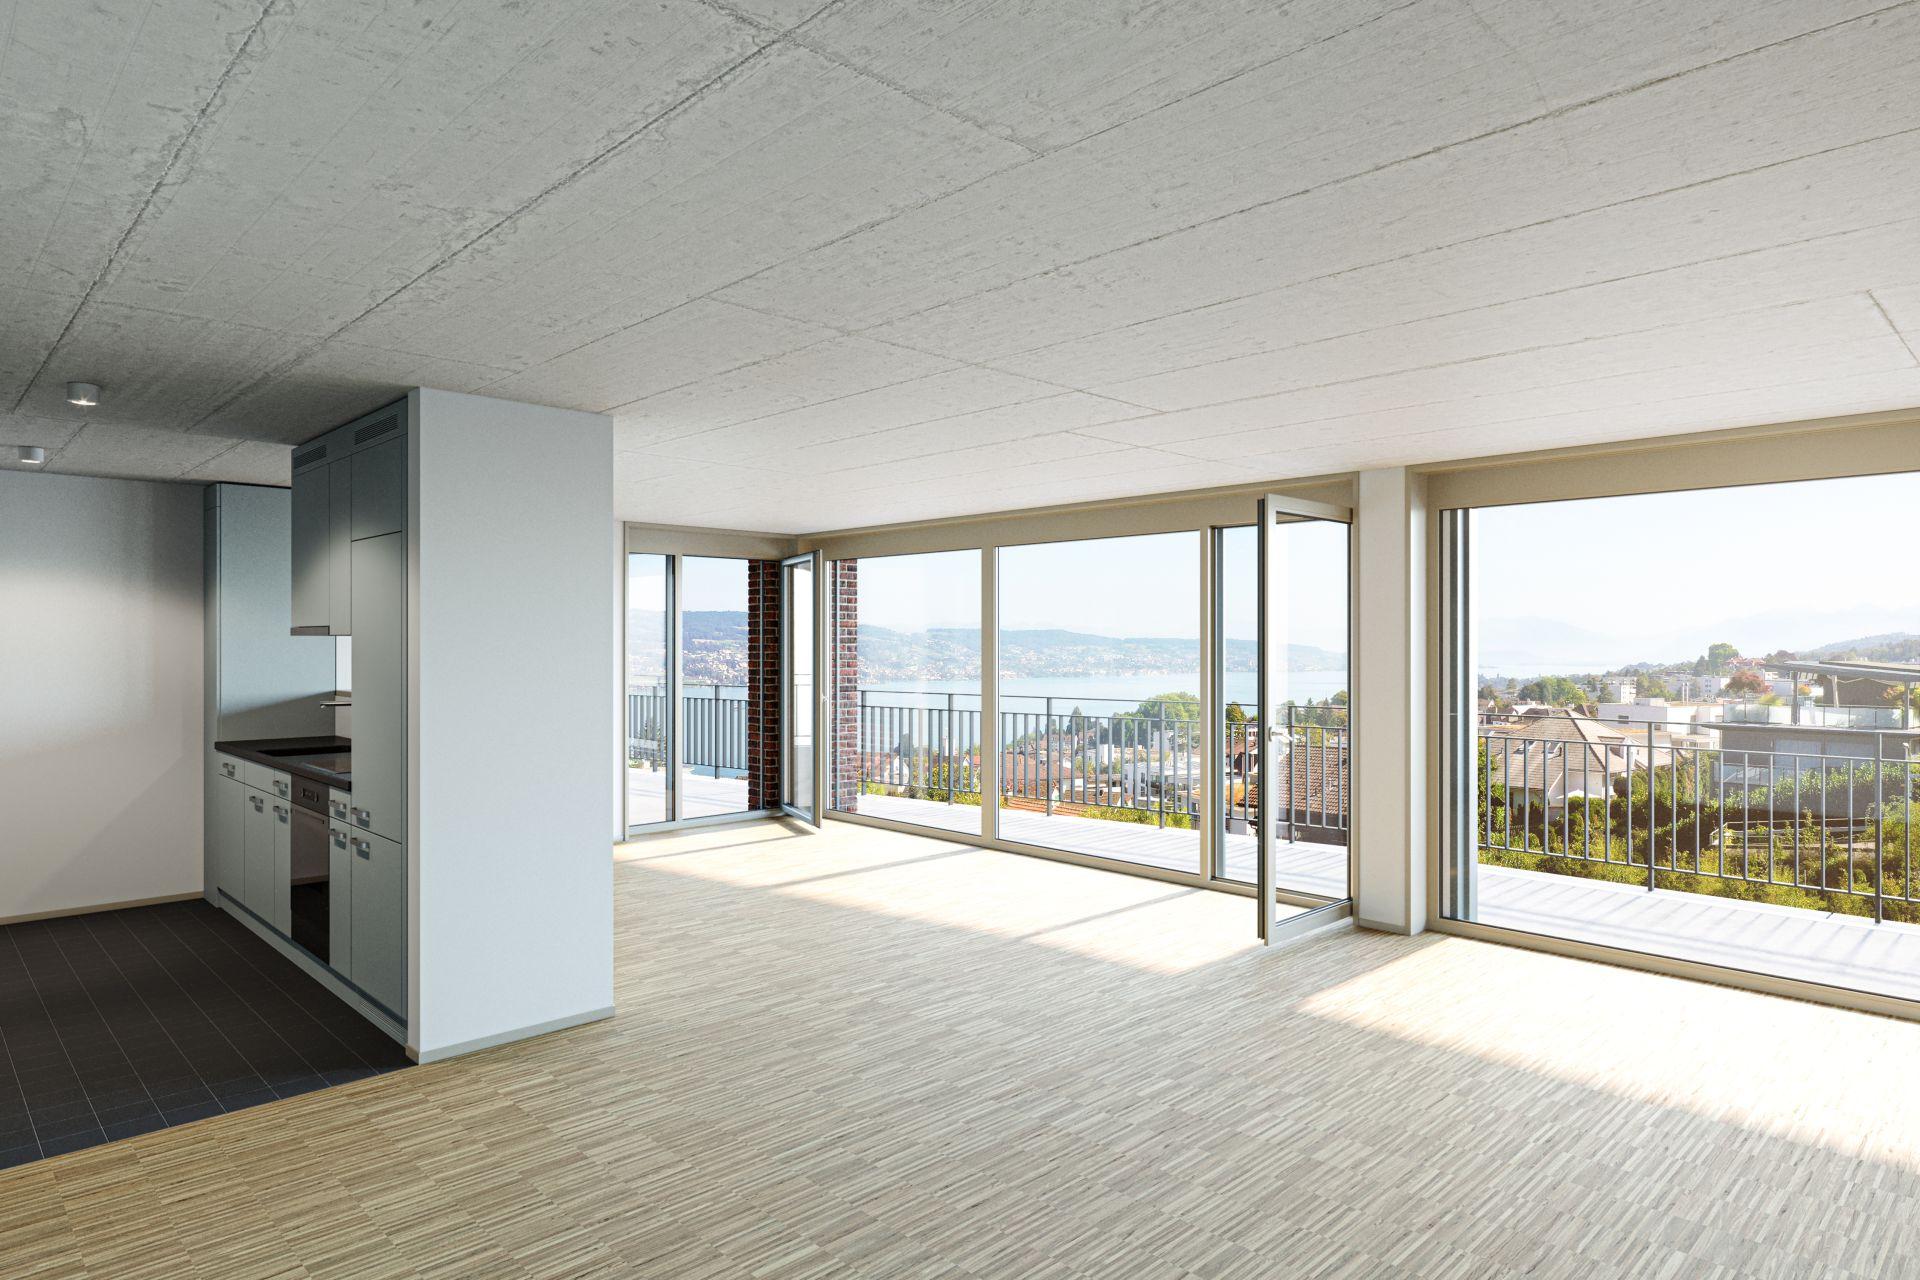 Erstvermietung: moderne Wohnung mit Panoramablick